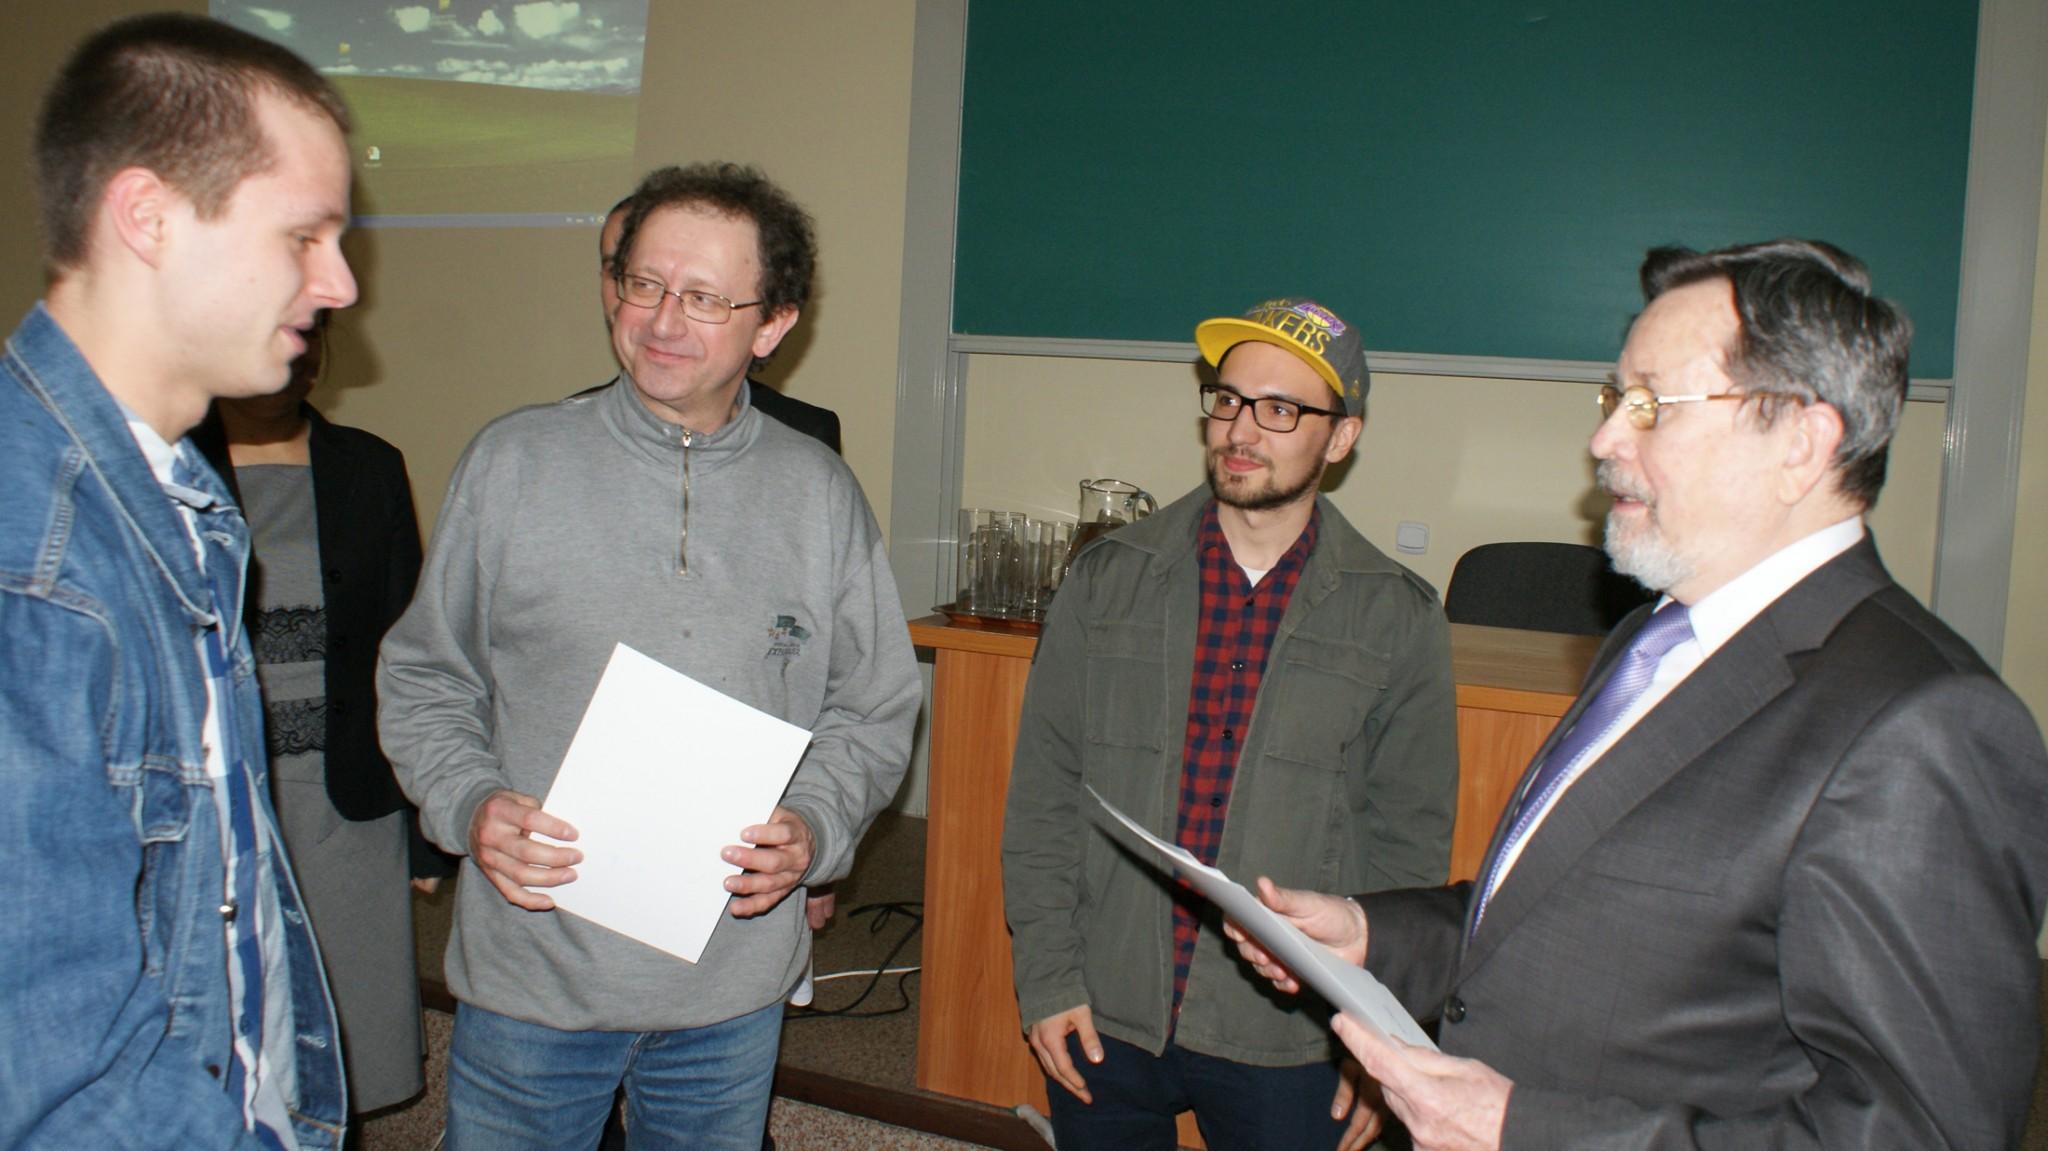 Laureaci nagrody specjalnej - studenci kierunku Kulturoznawstwo